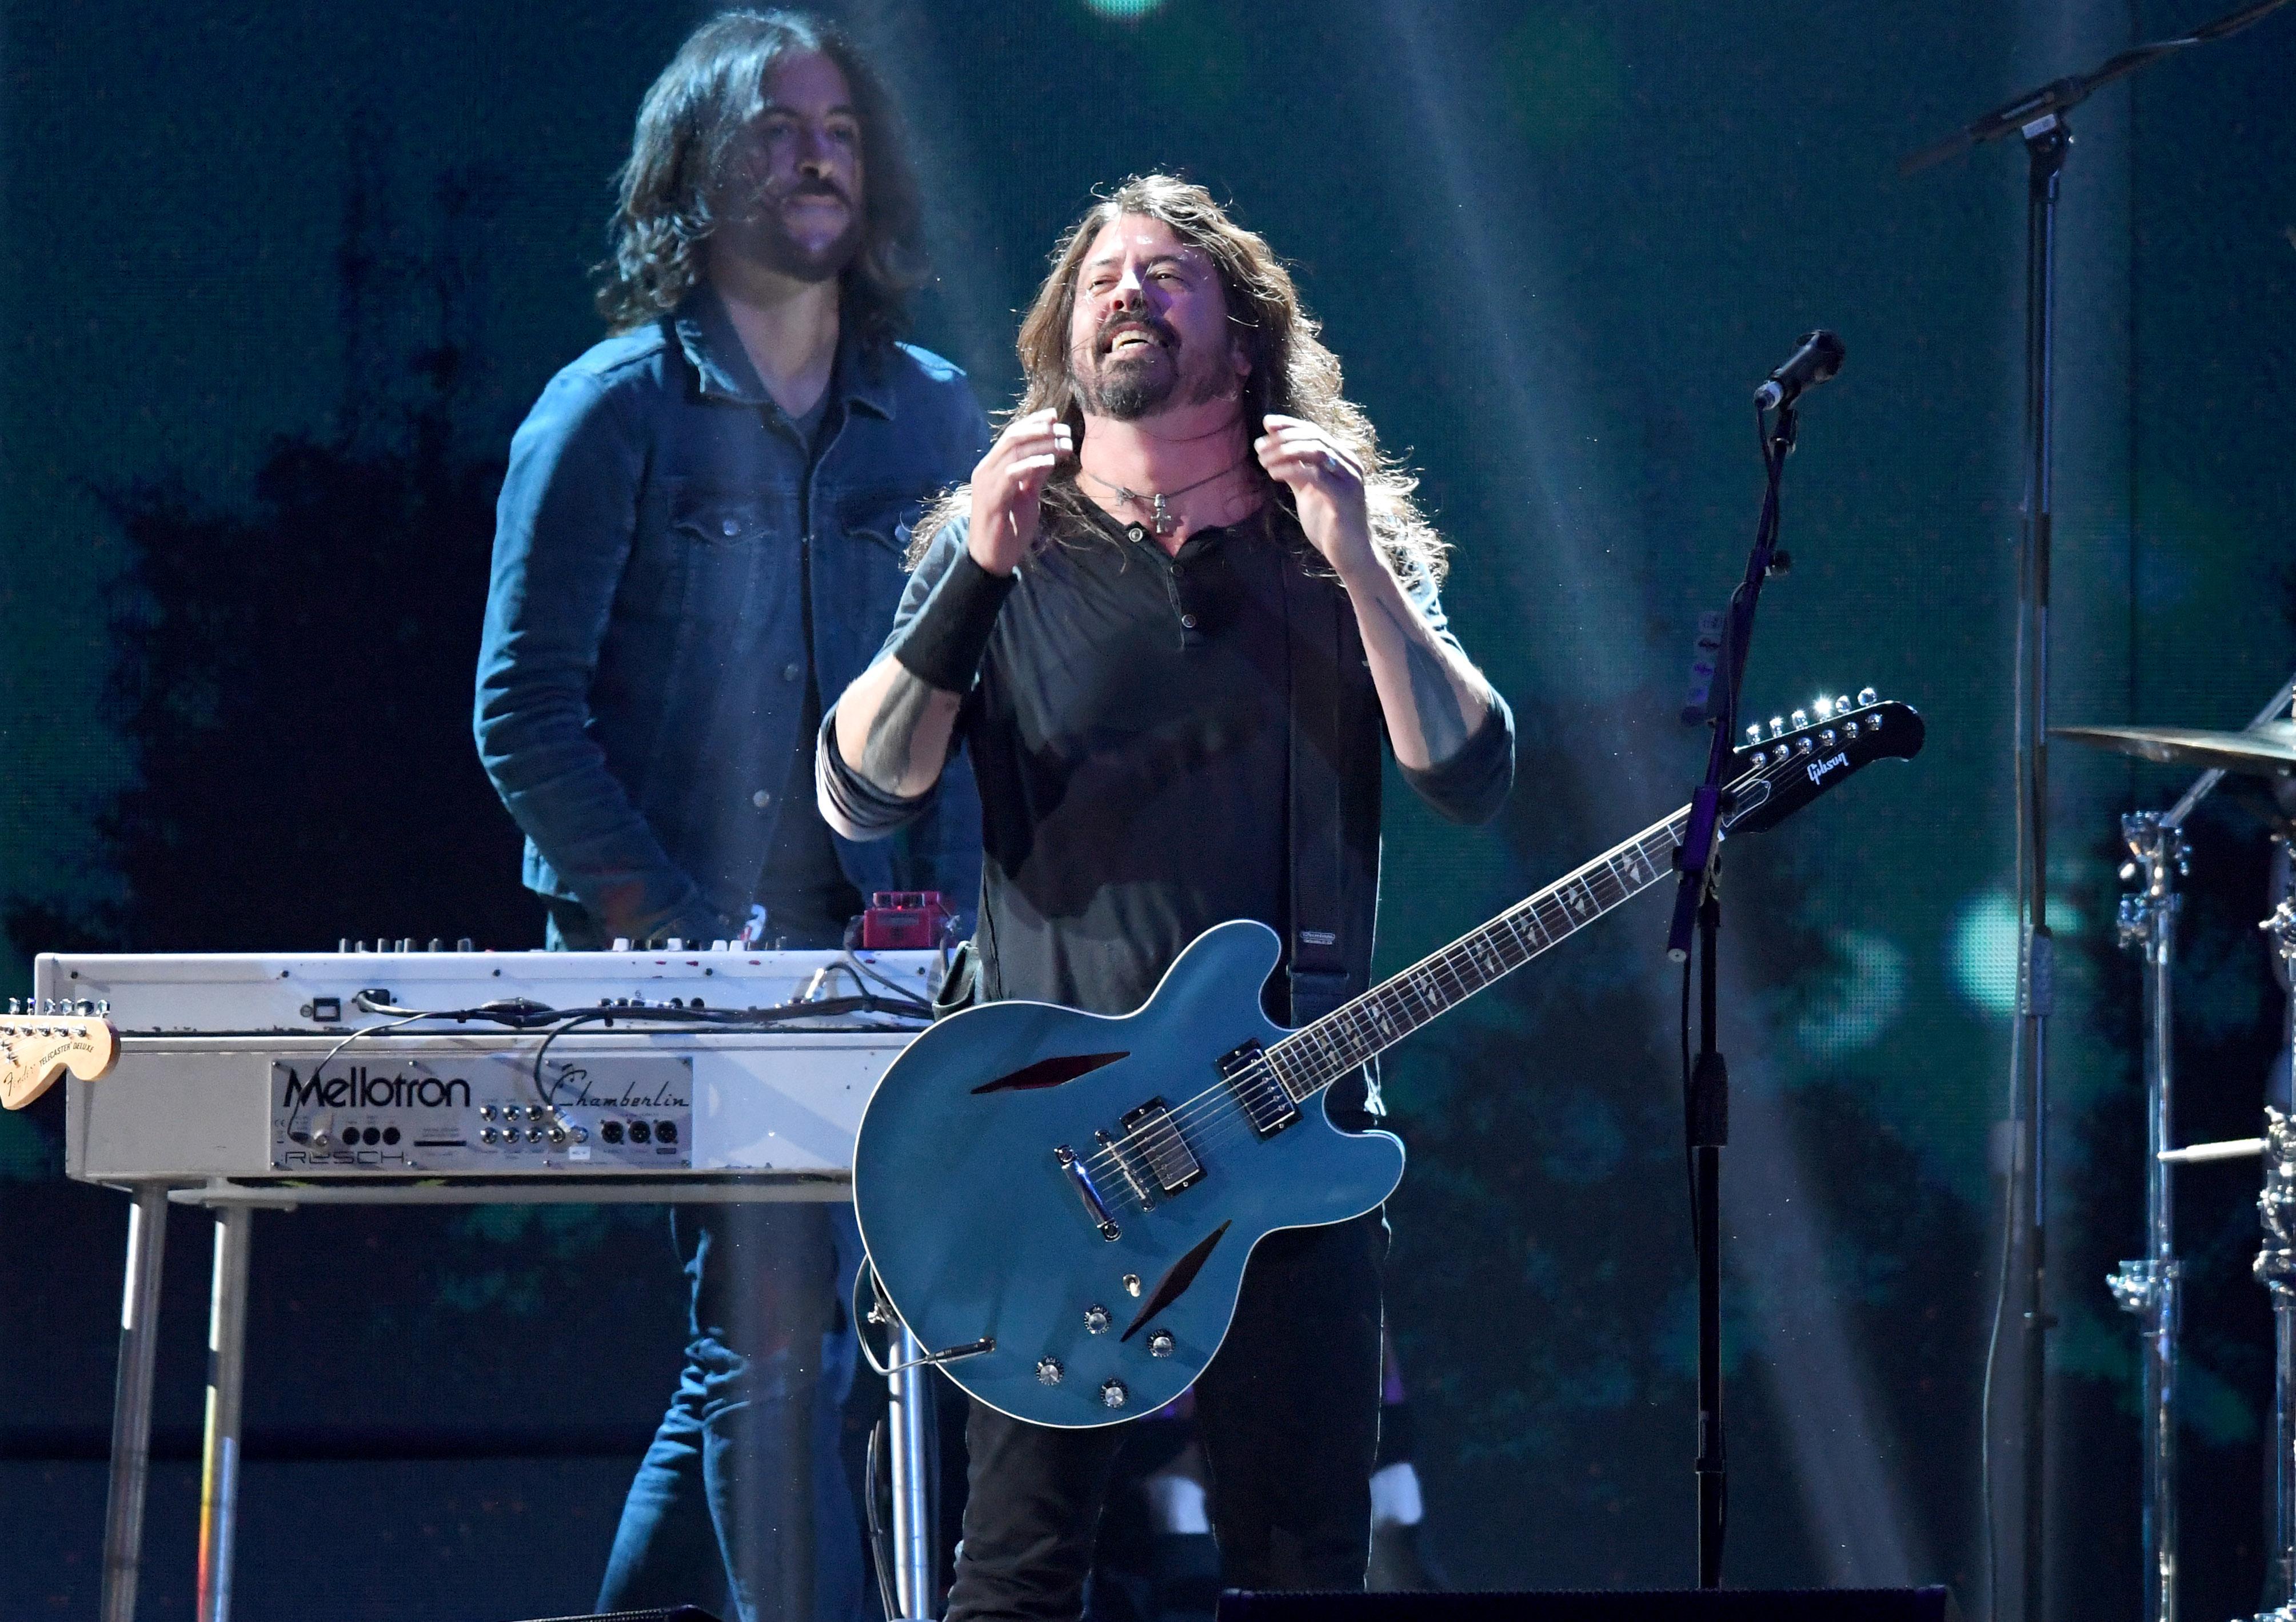 Was will uns Dave Grohl mit dem Auftritt sagen? Die Foo Fighters sind größer als die Beatles - oder stehen sie kurz vor der Auflösung?